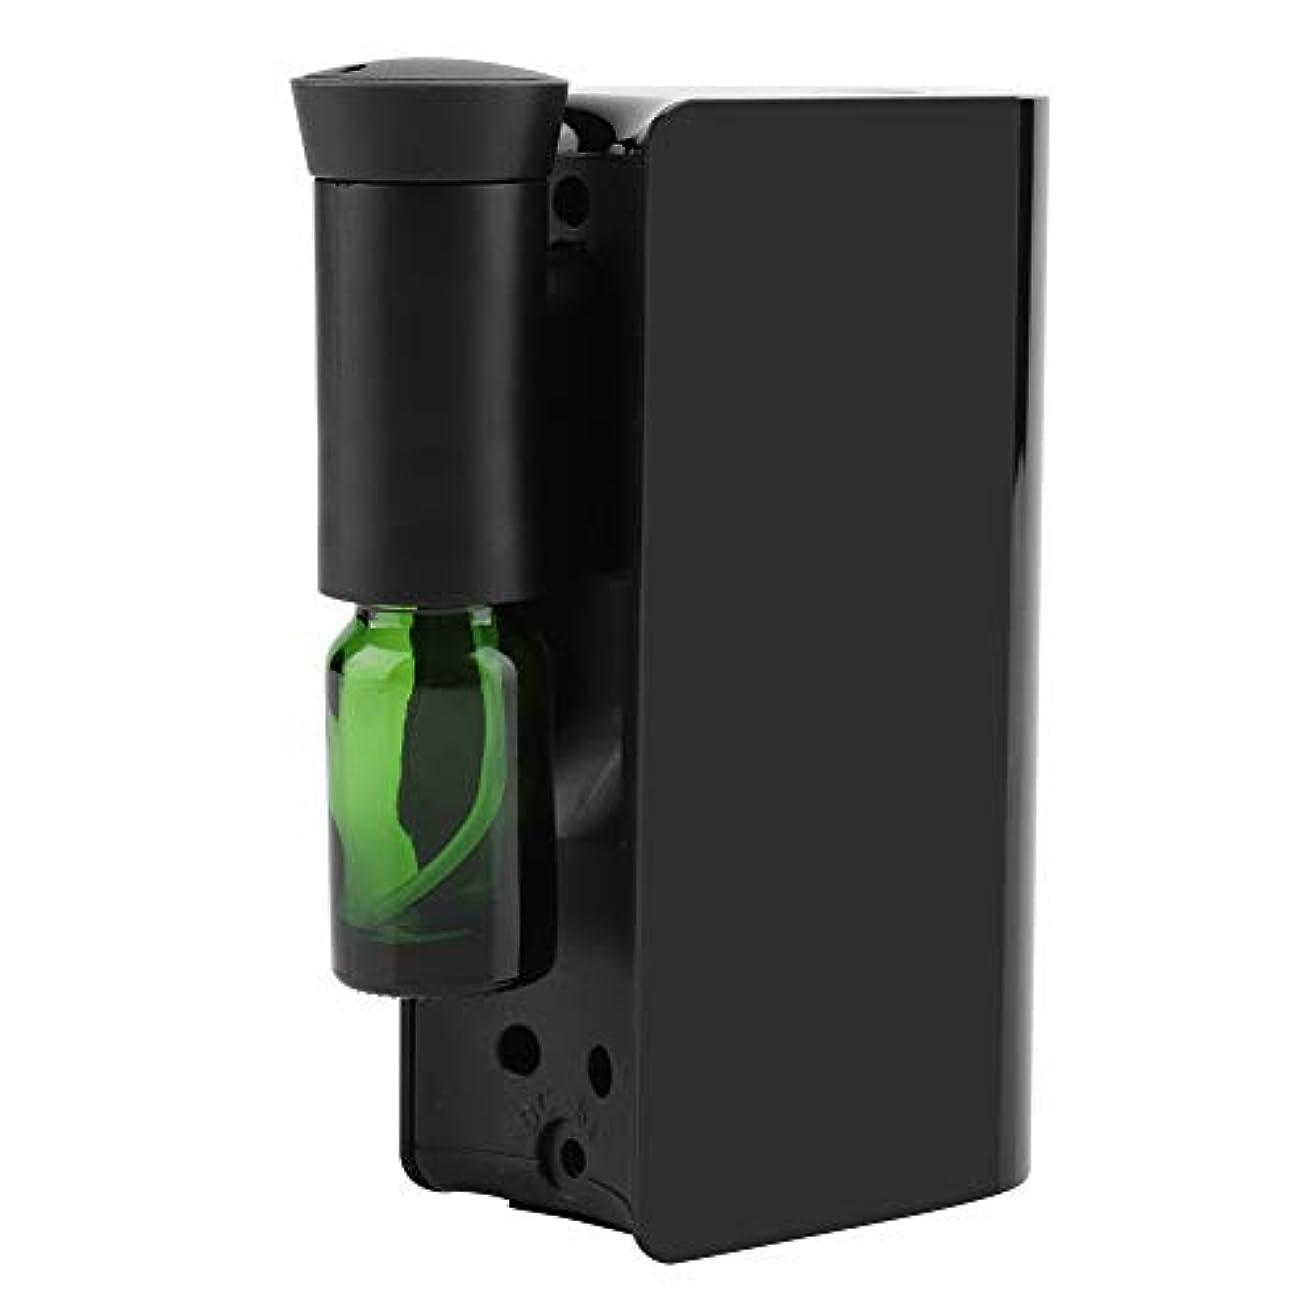 書き込みミット騒ぎエッセンシャルオイルディフューザー、100ml USB充電式クールミスト加湿器アロマオイル加湿器気化器アロマディフューザー(ブラック)